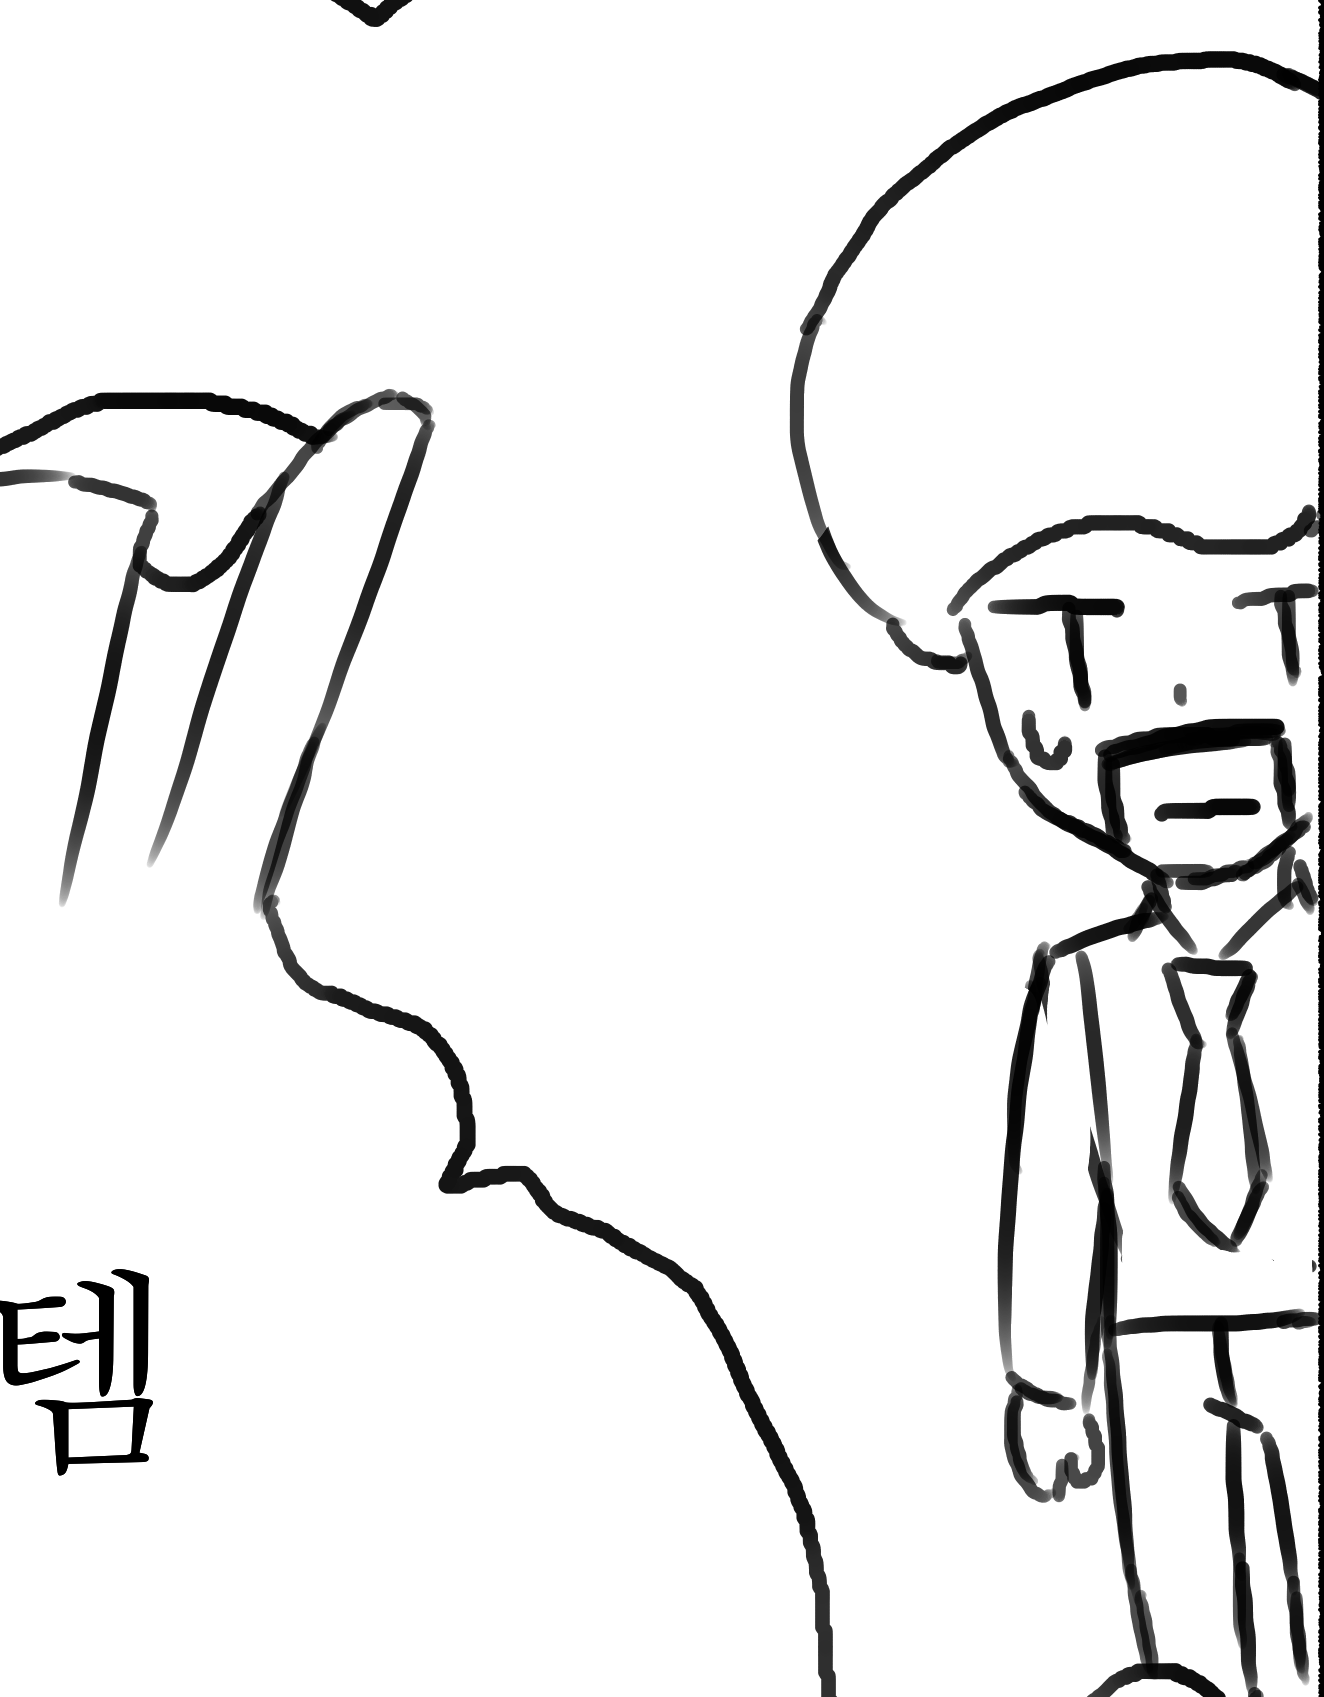 [5컷만화] 장비를 못찾는다 이말이야